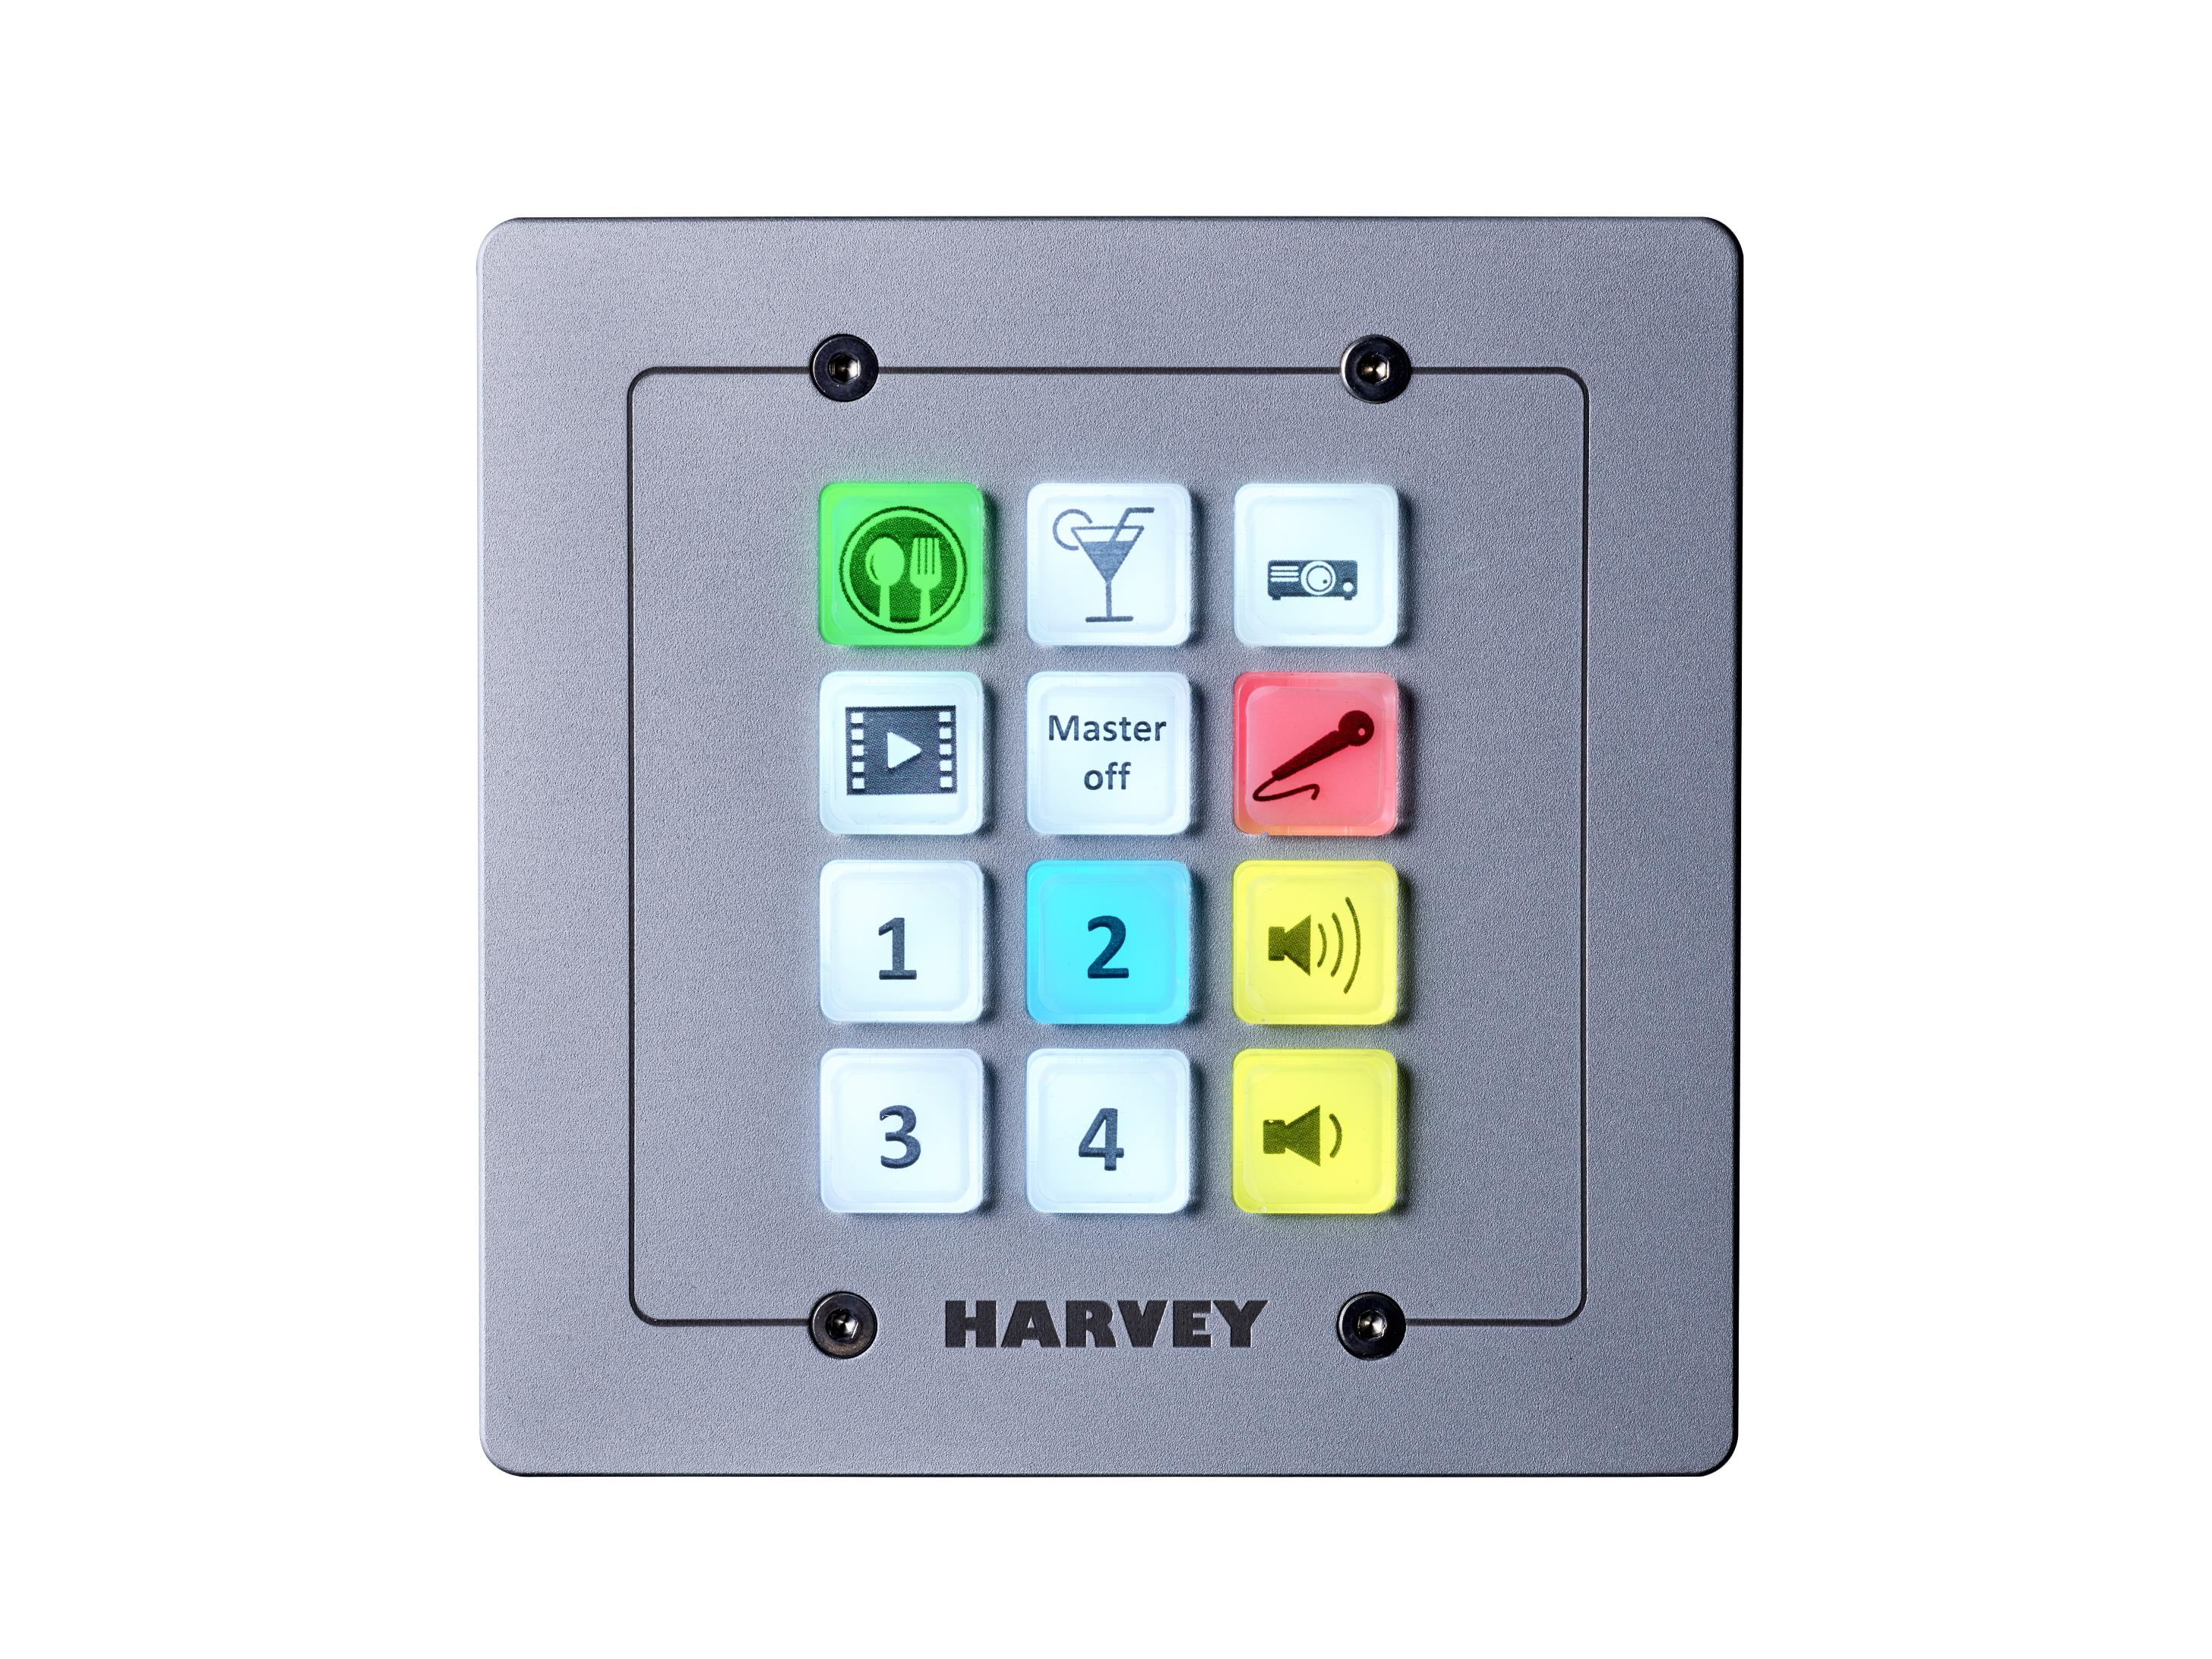 HARVEY Remote Control RC12 US-AL